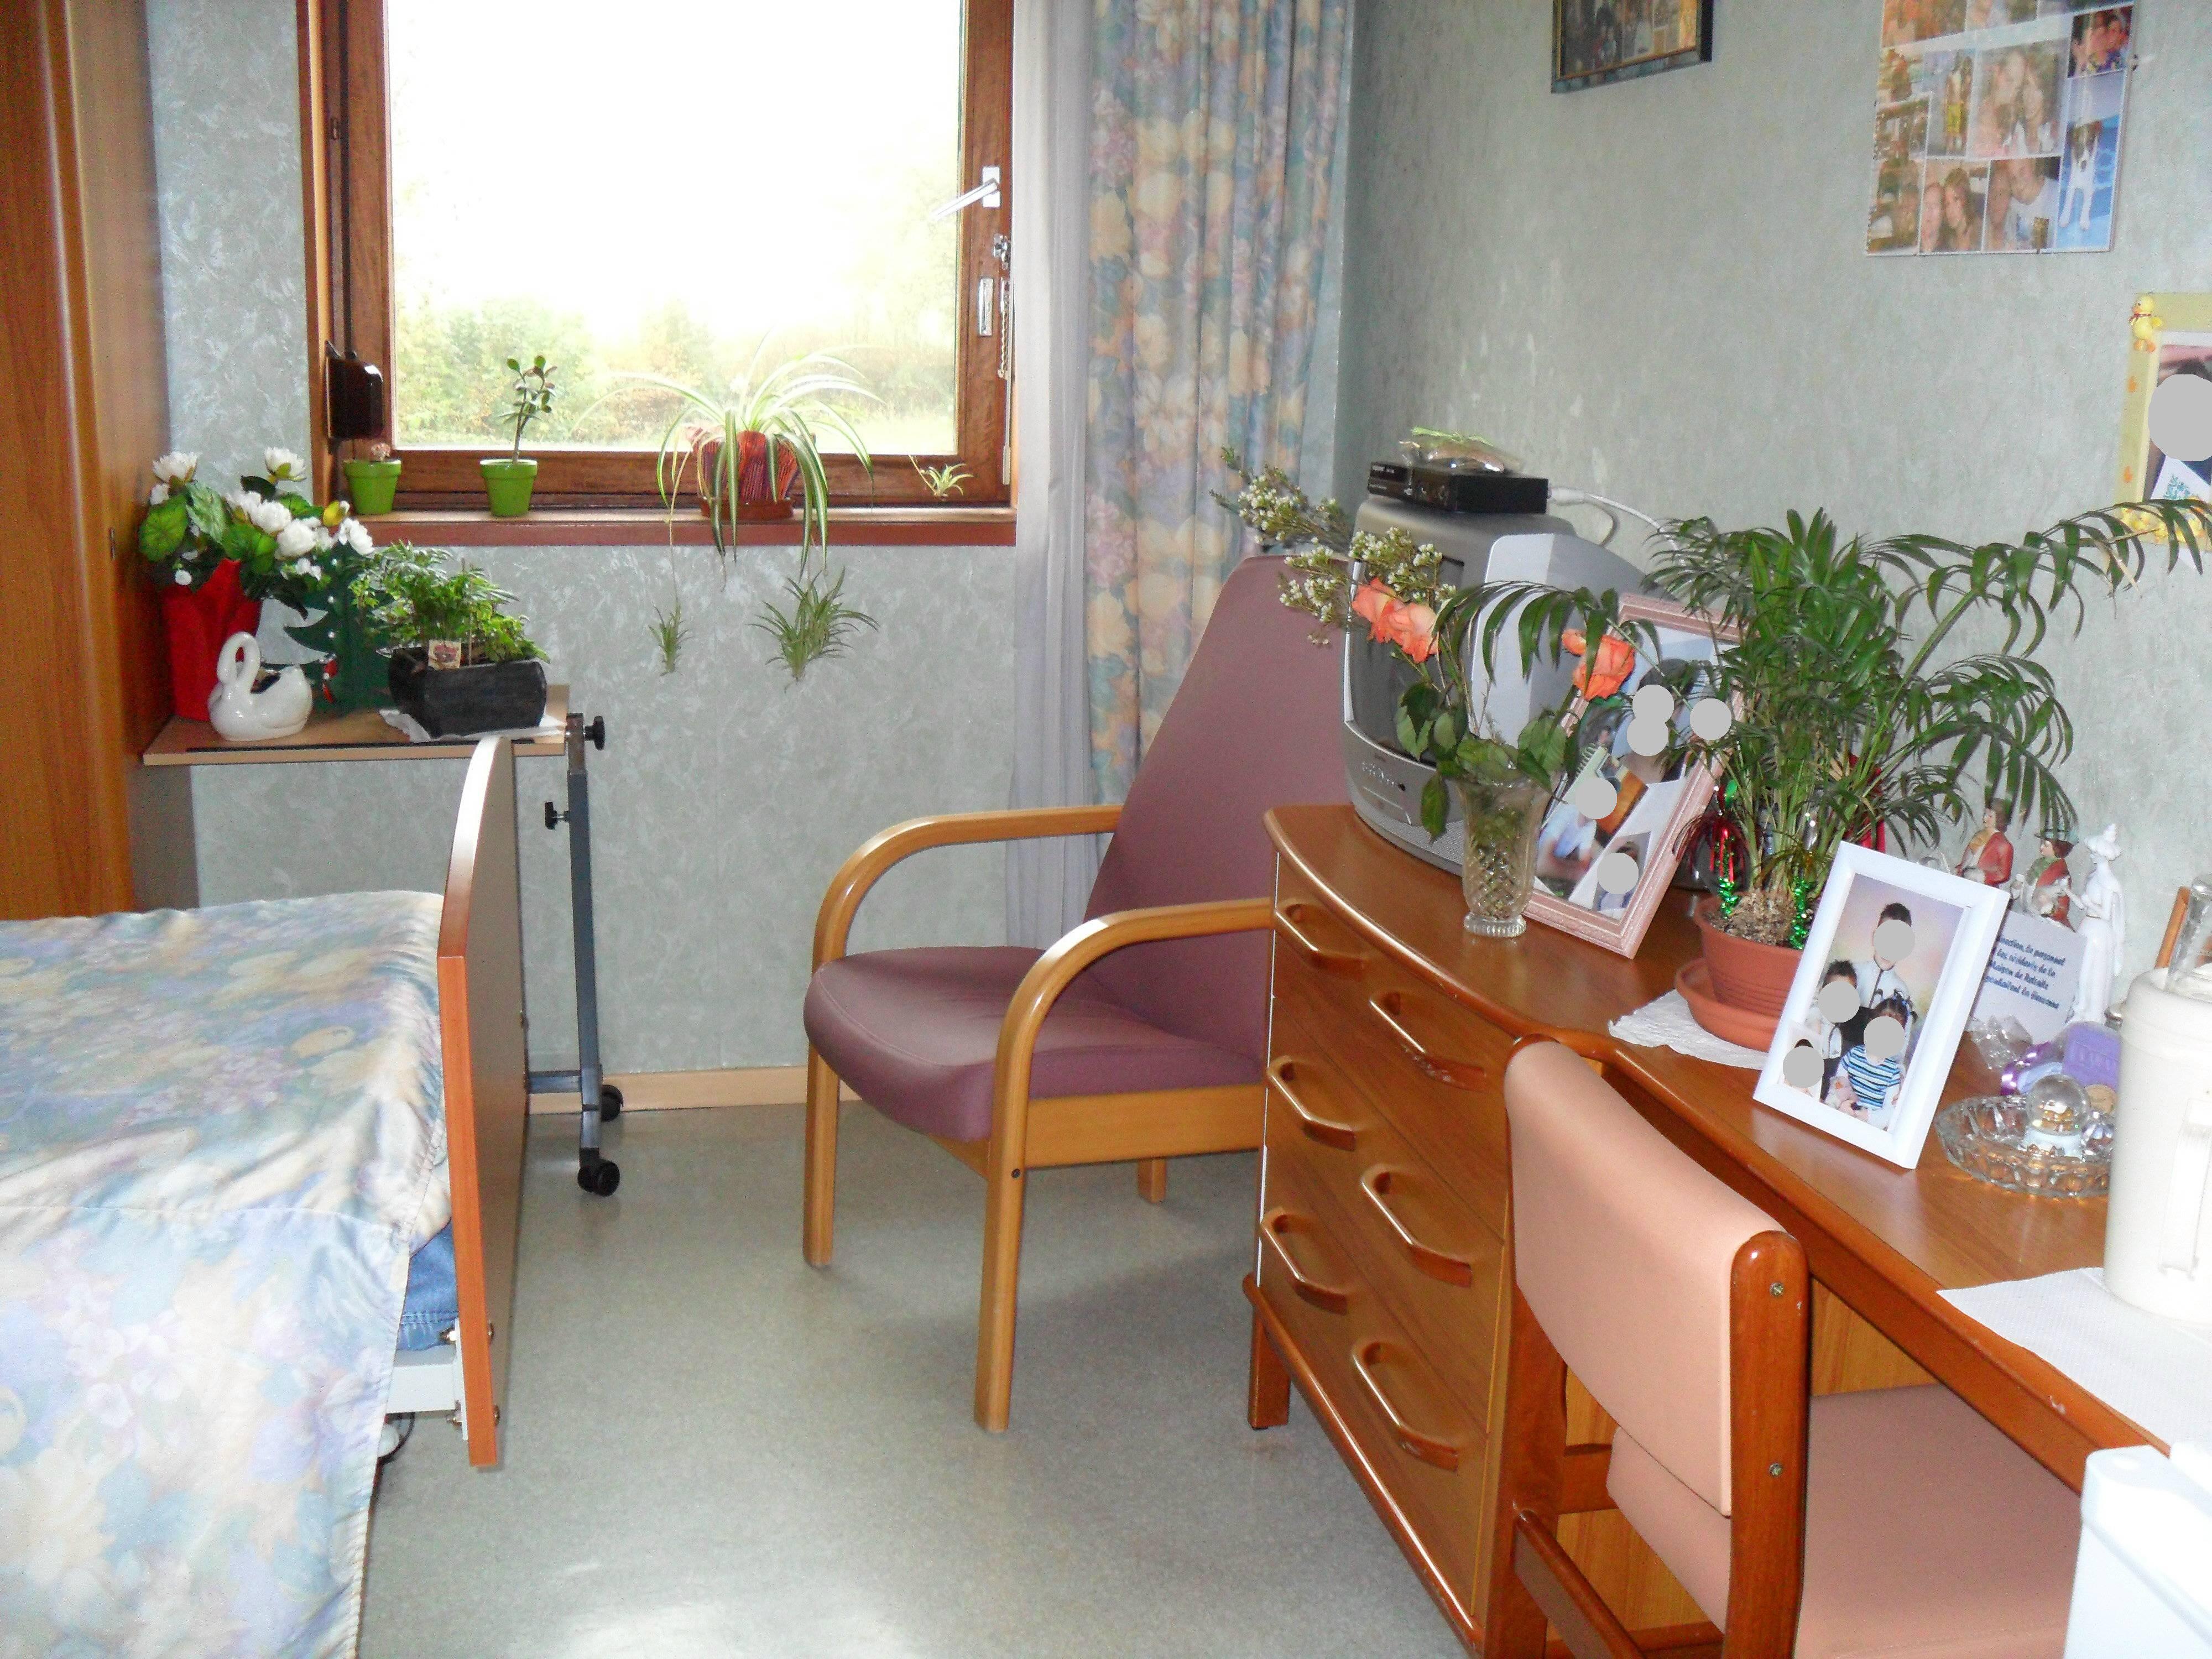 Ehpad maison de retraite la roseraie sains du nord maisons de retraite - Achat chambre maison de retraite ...